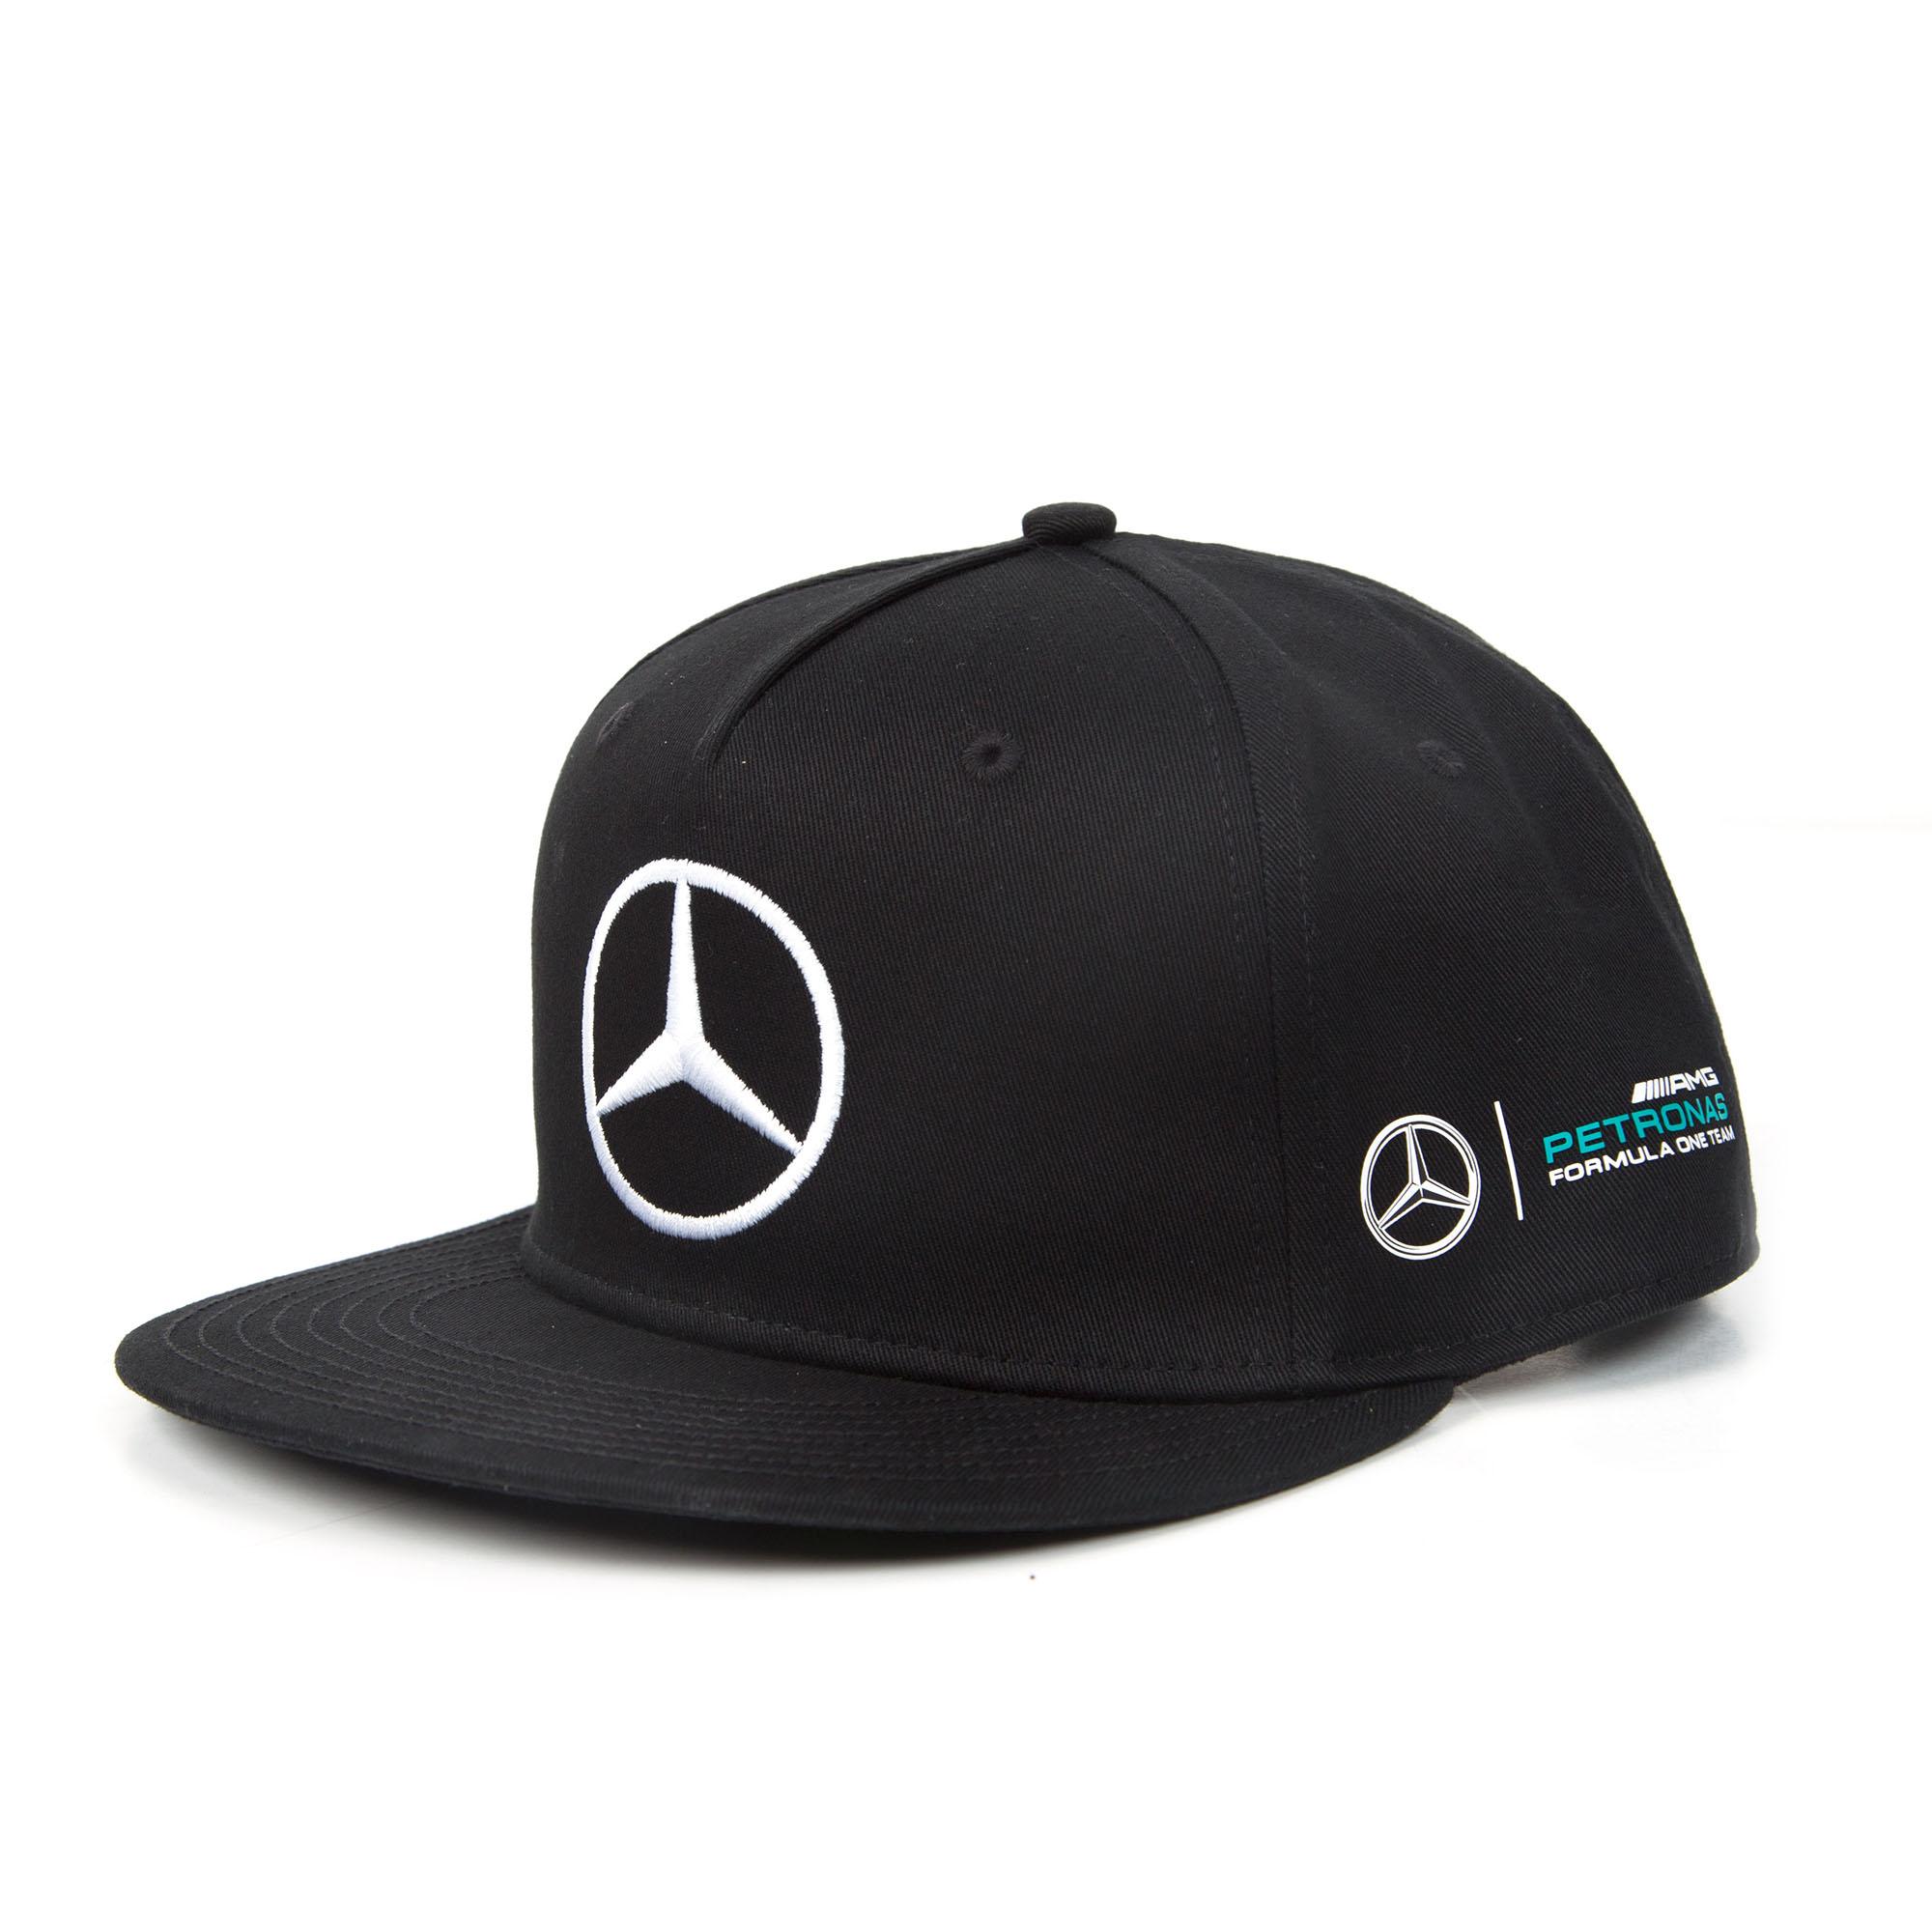 21578aaeb 2017 Lewis Hamilton Flatbrim Cap BLACK Monster Mercedes-AMG F1 Formula 1  Team